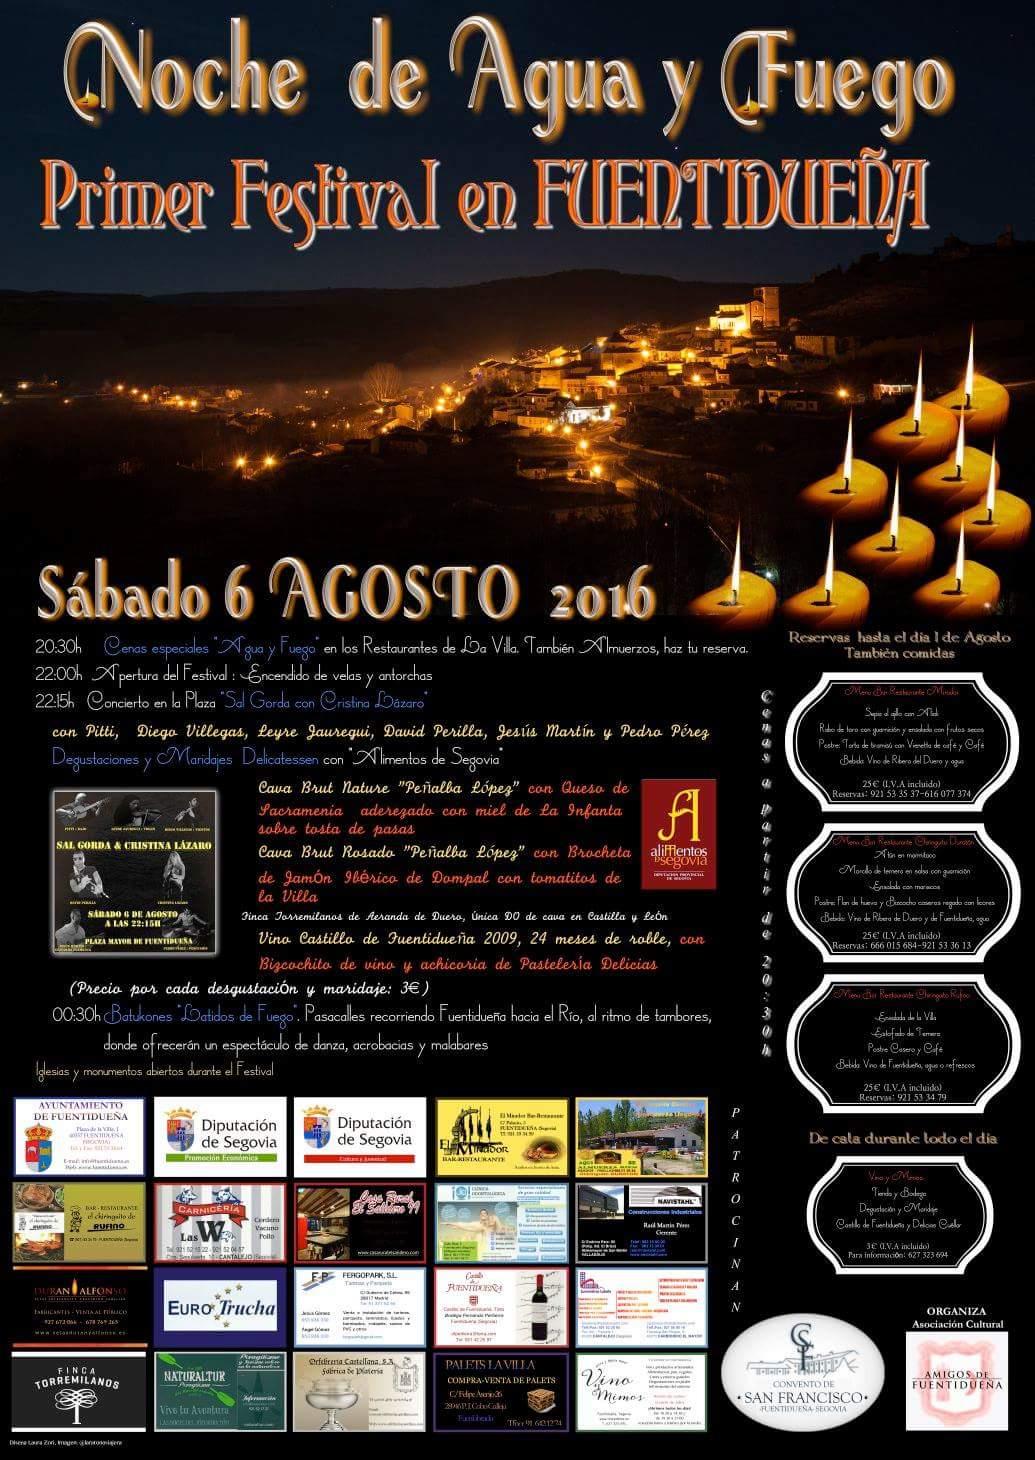 Noche de agua y fuego. Primer festival de Fuentidueña.